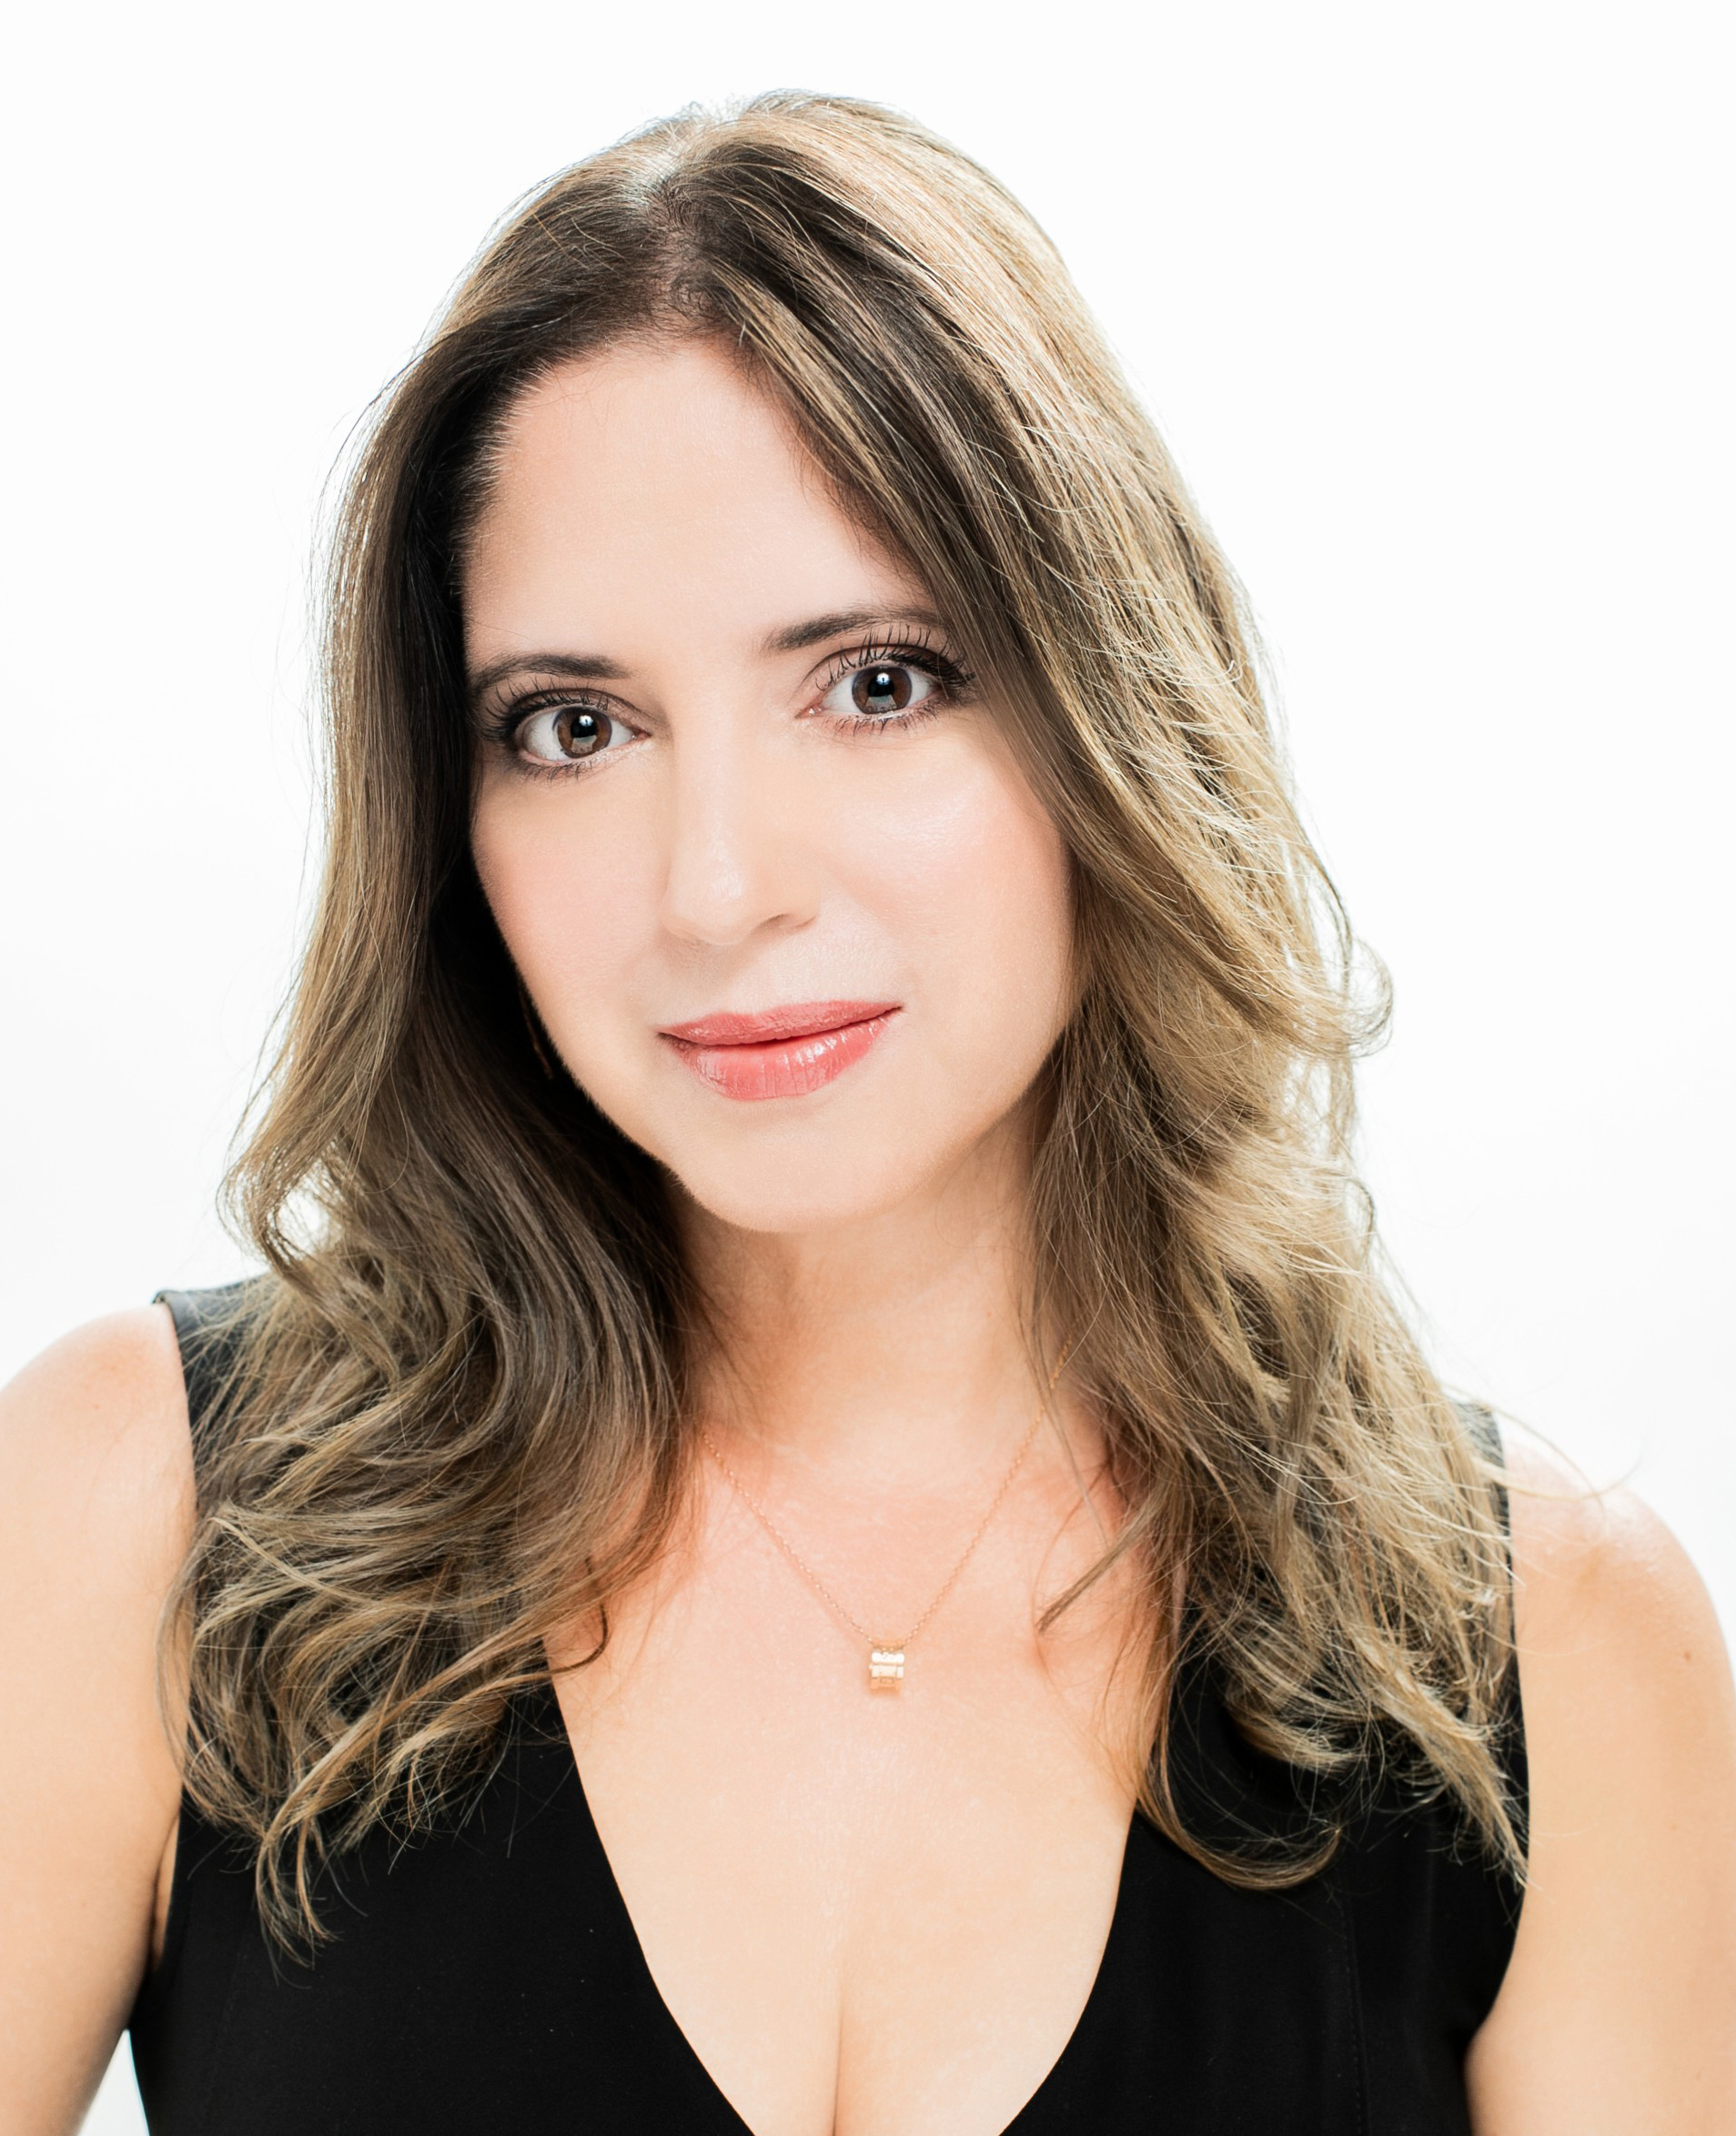 Brenda Nieves